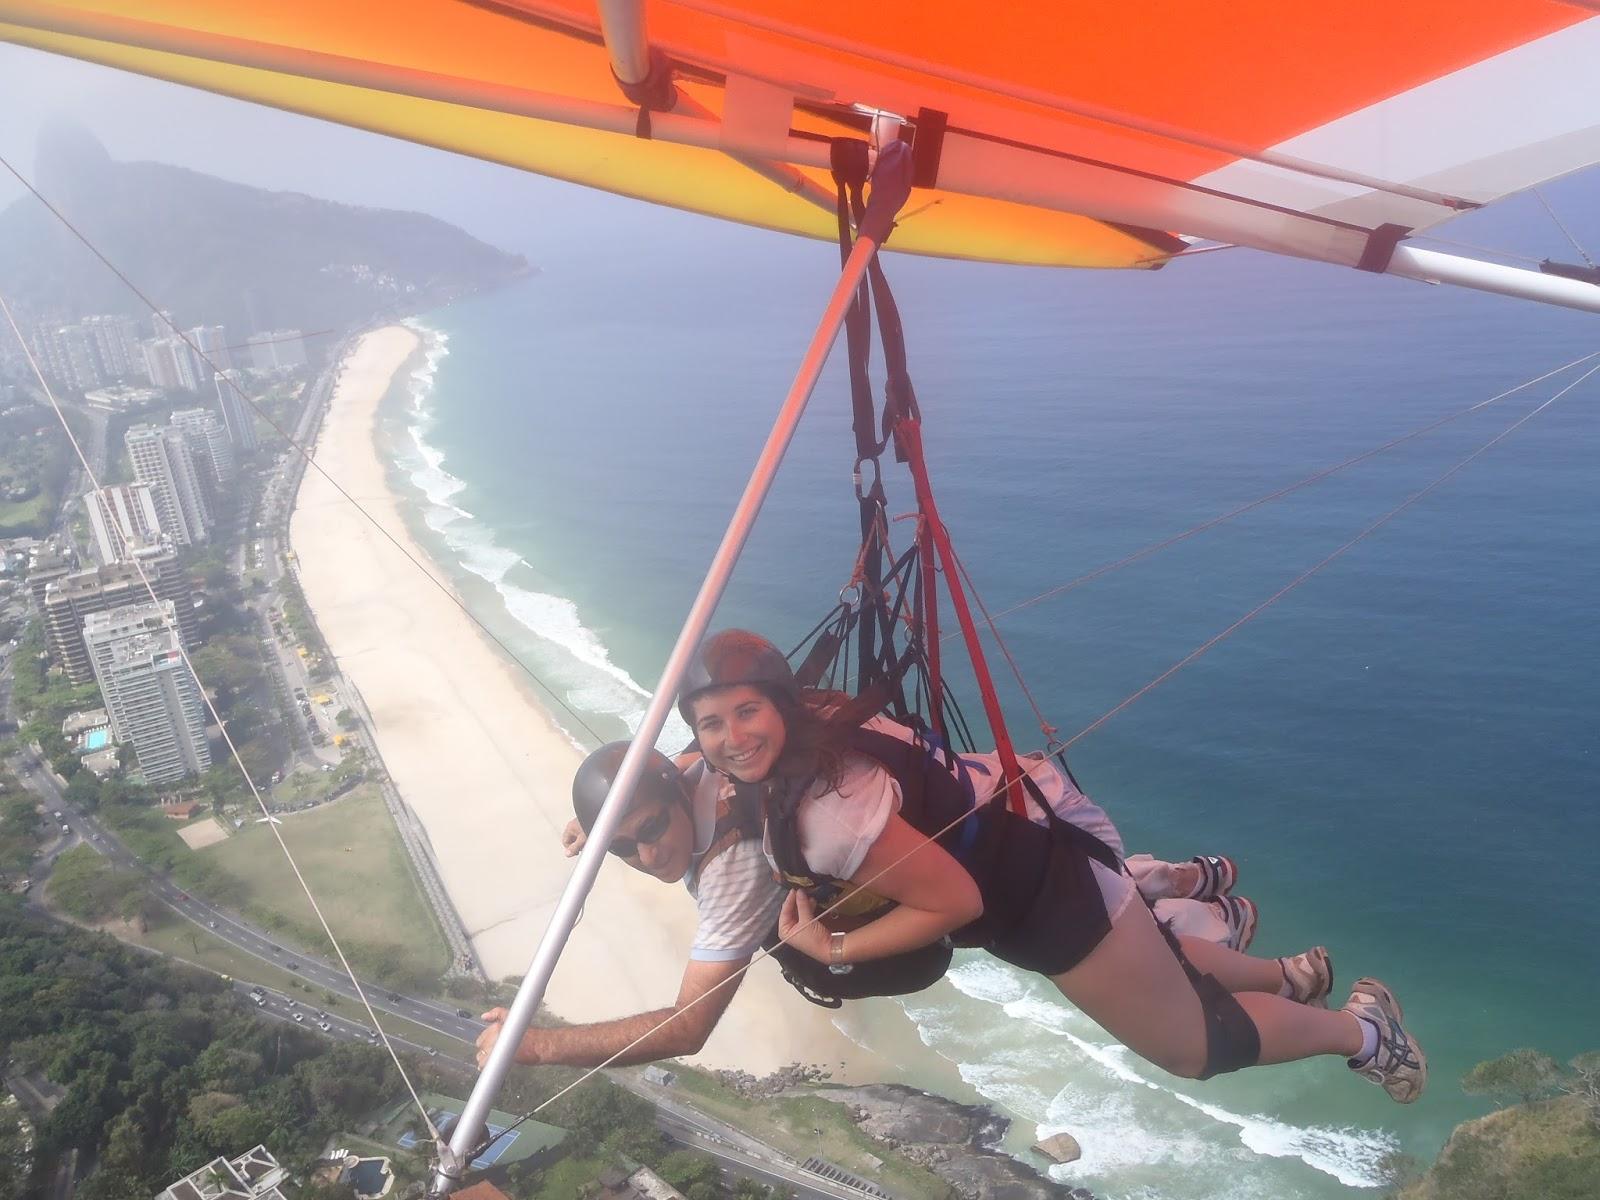 Hang gliding over Rio de Janeiro, Brazil